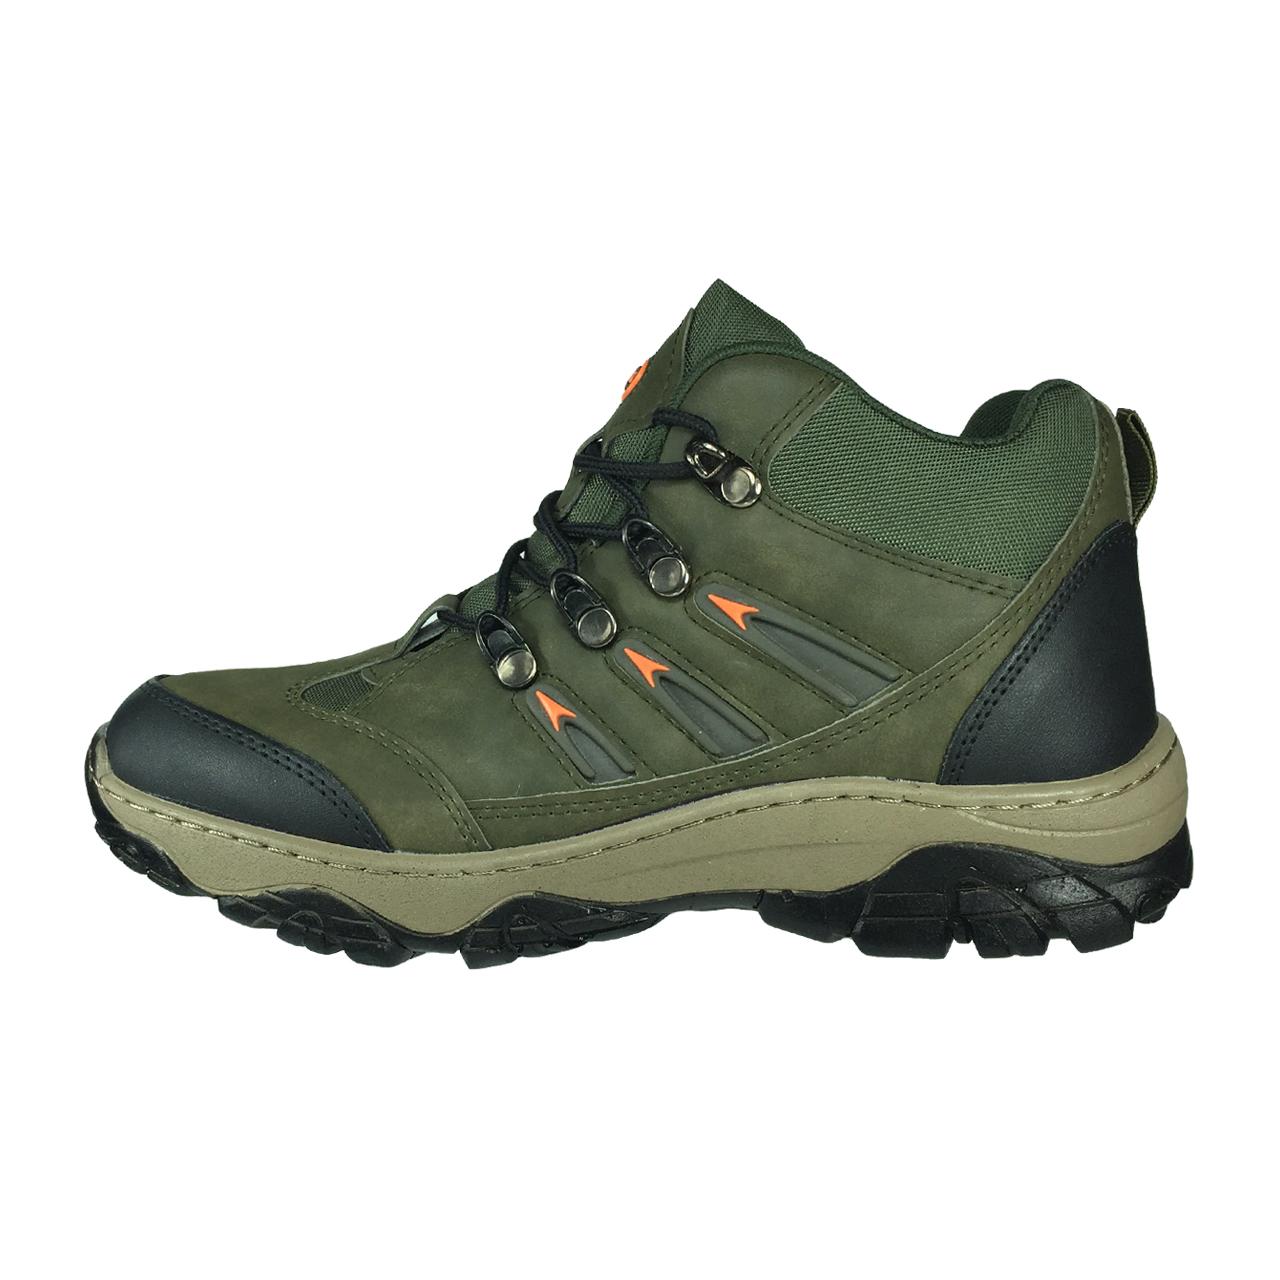 کفش کوهنوردی زنانه پاریس جامه مدل B157Z رنگ سبز زیتونی